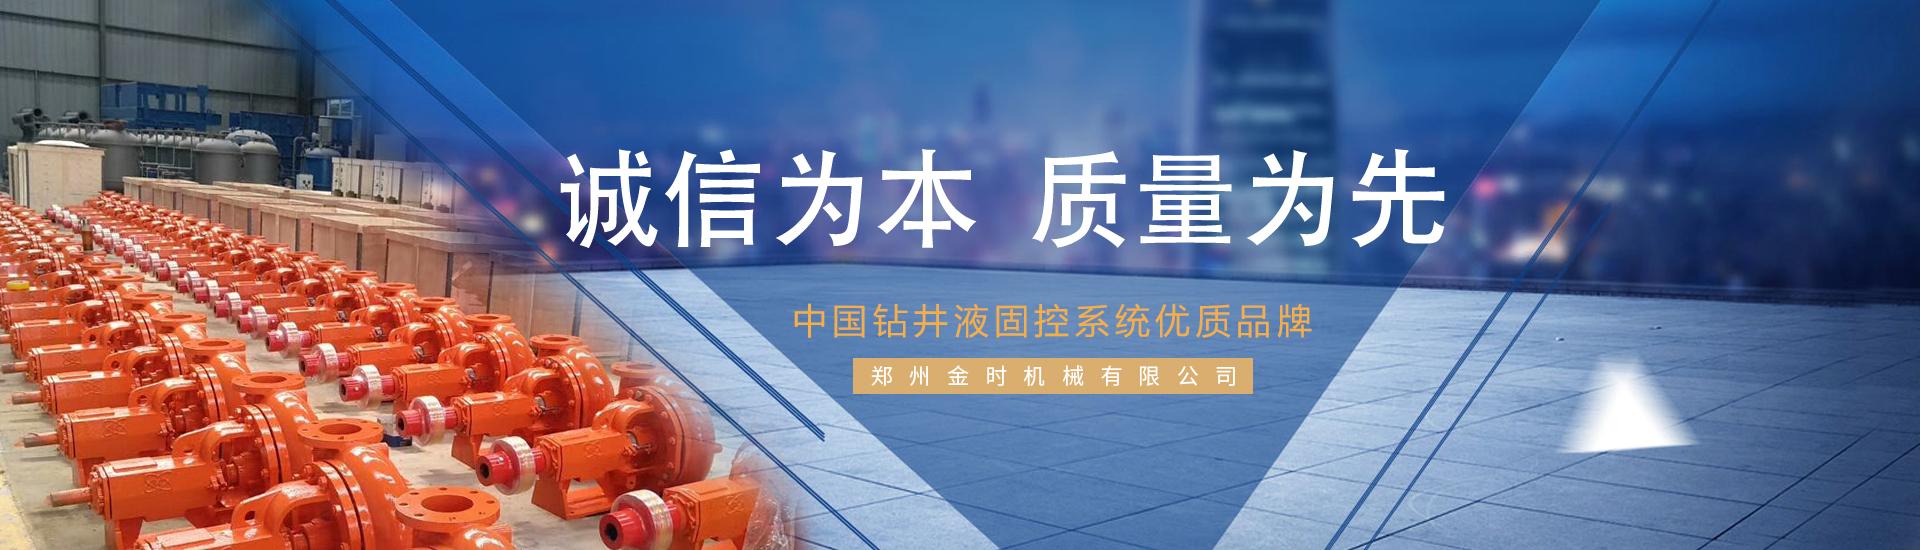 中文焦点图4